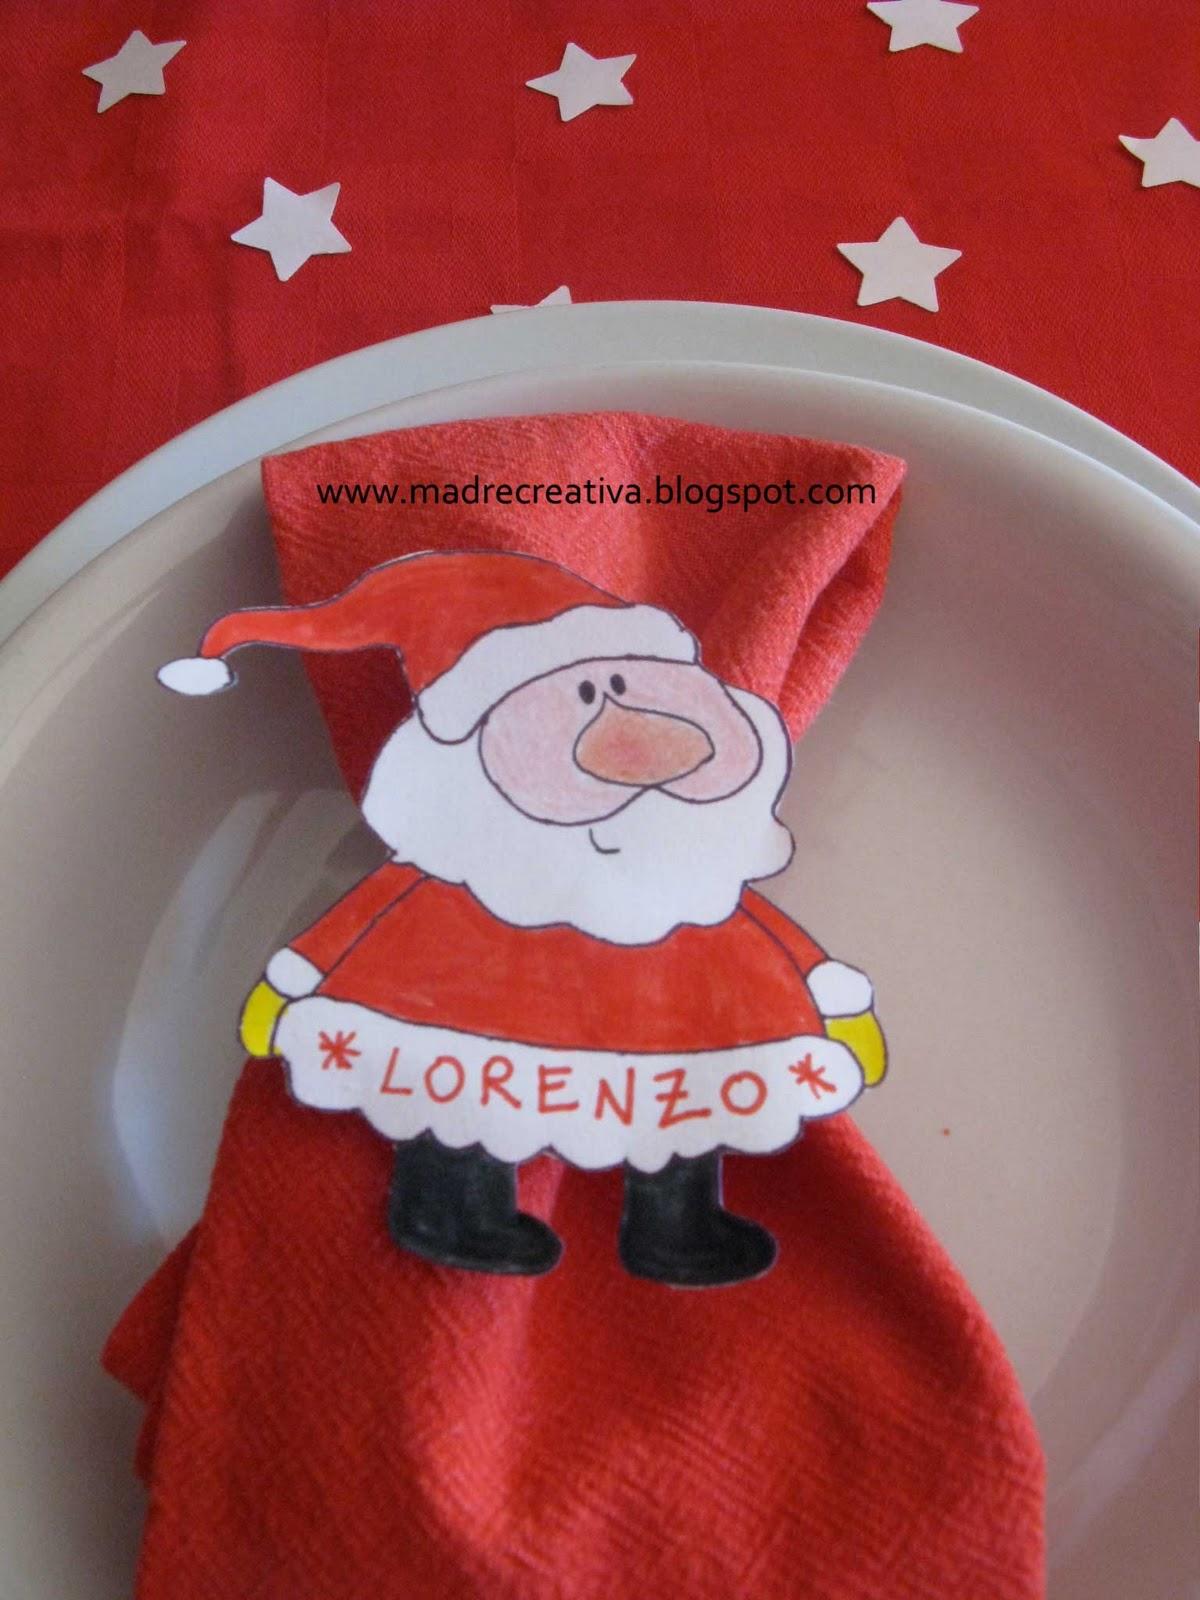 Come Decorare La Tavola Per Natale MadreCreativa #8F1E1C 1200 1600 Come Addobbare Una Sala Da Pranzo Per Natale